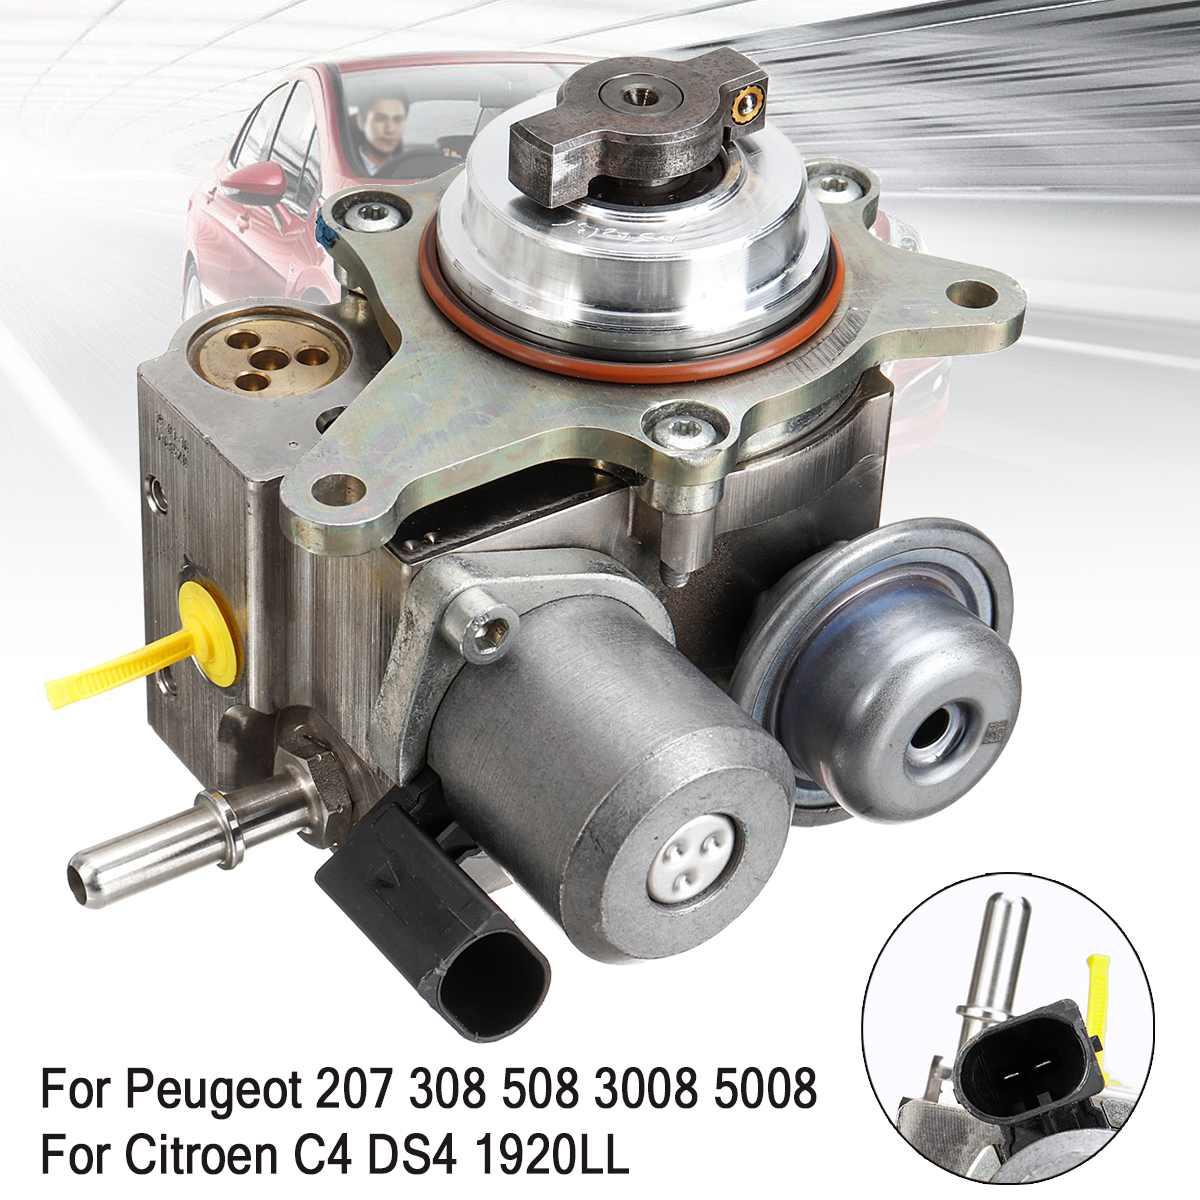 De Alta Pressão Da gasolina Da Bomba de Combustível 9819938480 13537528345 para Peugeot 207 308 3008 5008 508 1.6T Mini R55 R56 R57 R58 Cooper CITROEN C4